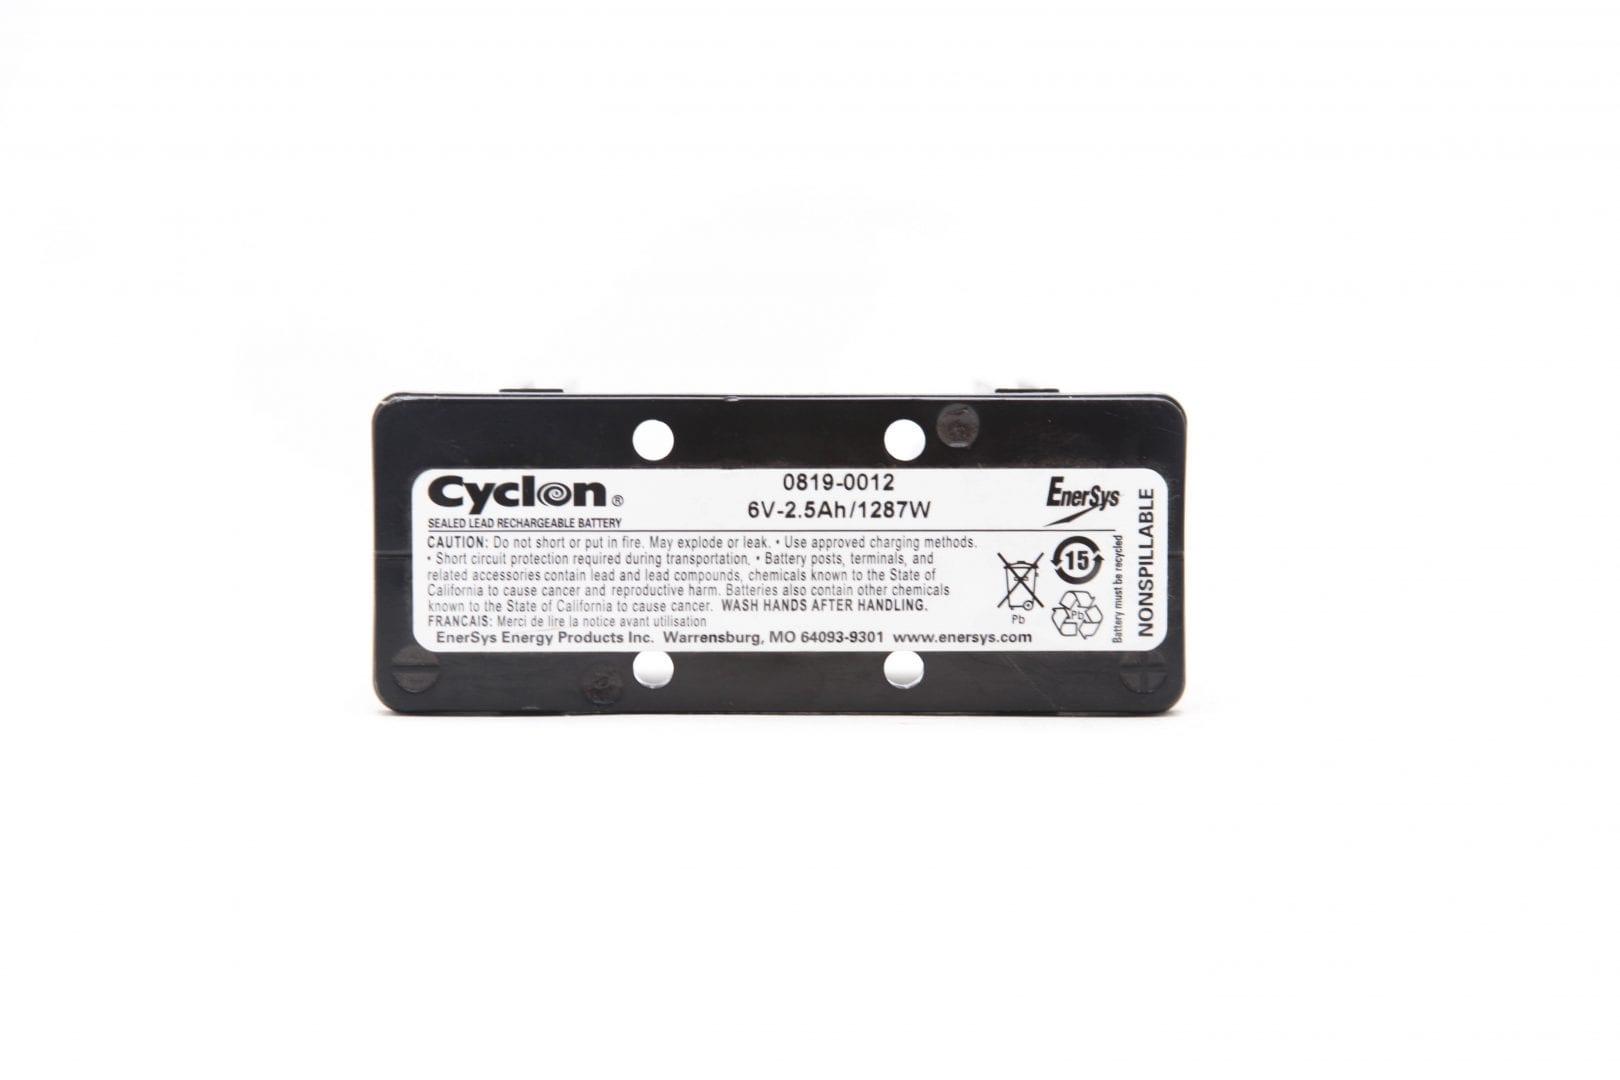 Cyclon 0819-0012